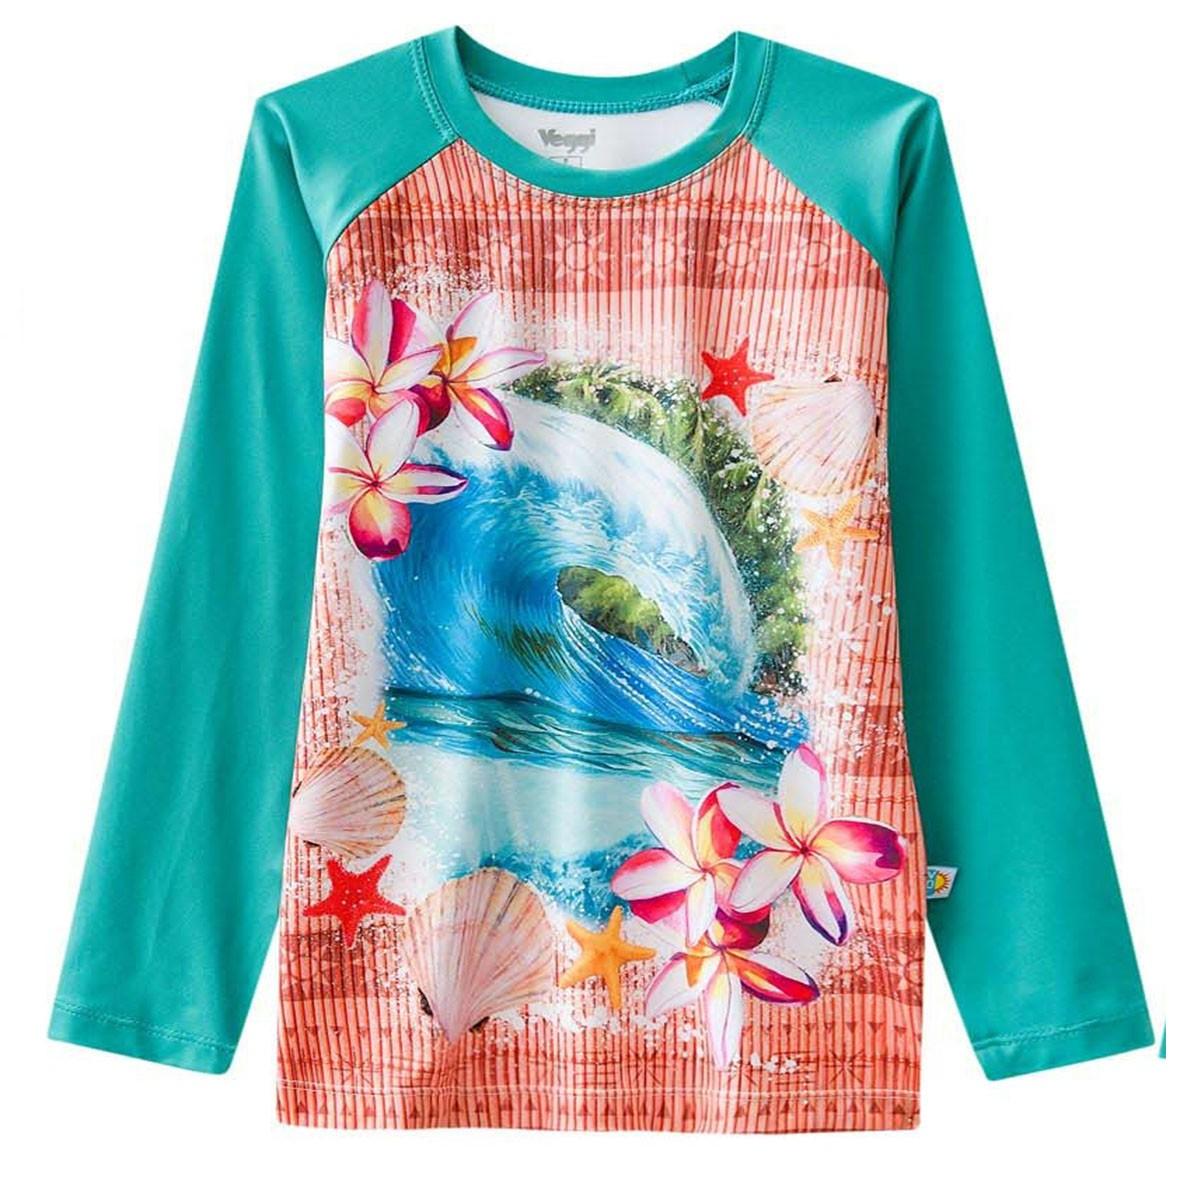 Blusa proteção solar criança moana verde hawai piscina praia